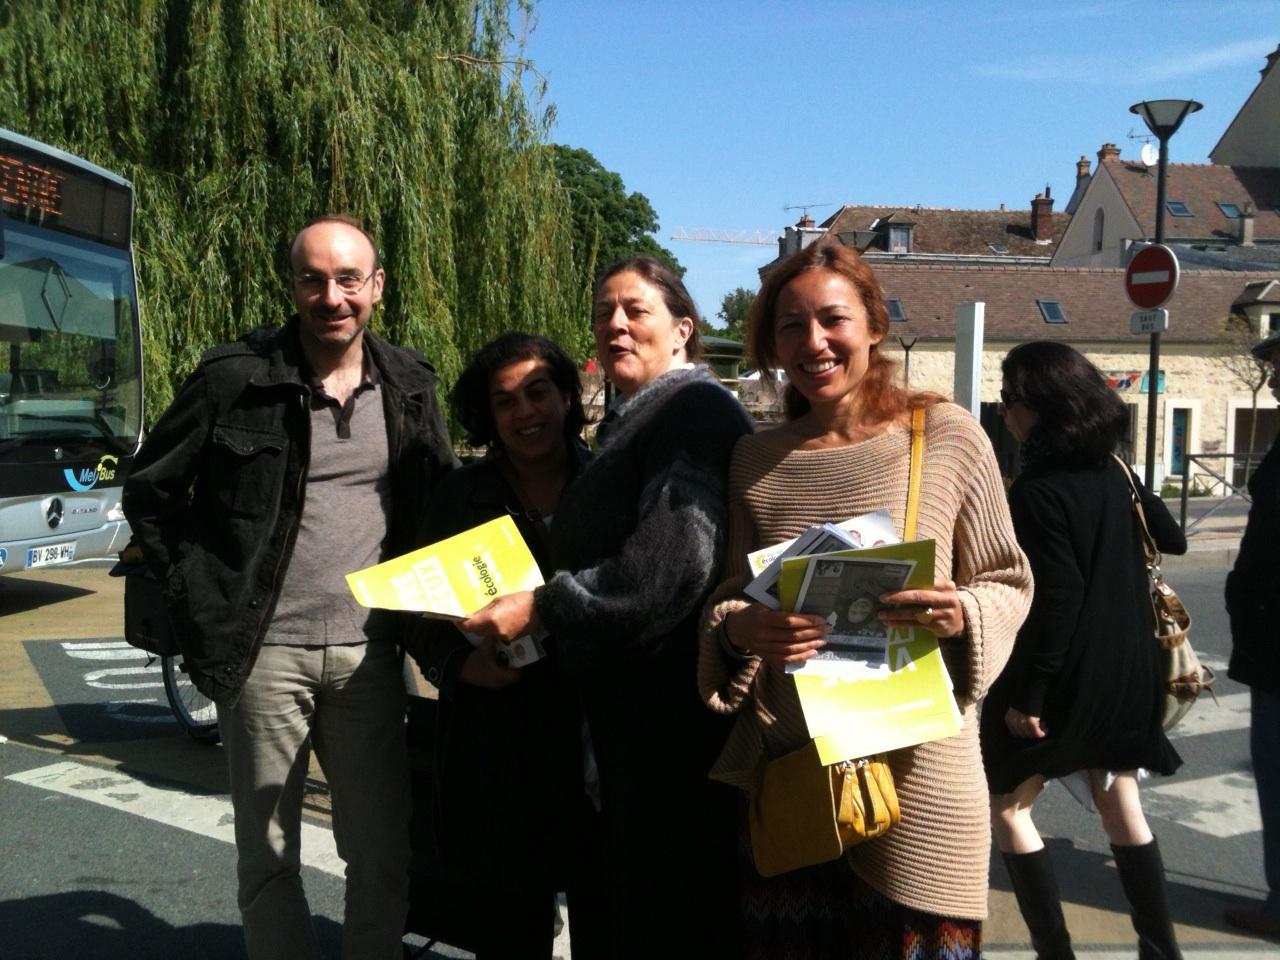 Au marché Gaillardon avec Hélène Lipietz, sénatrice EELV, pendant la campagne électorale pour les législatives 2012